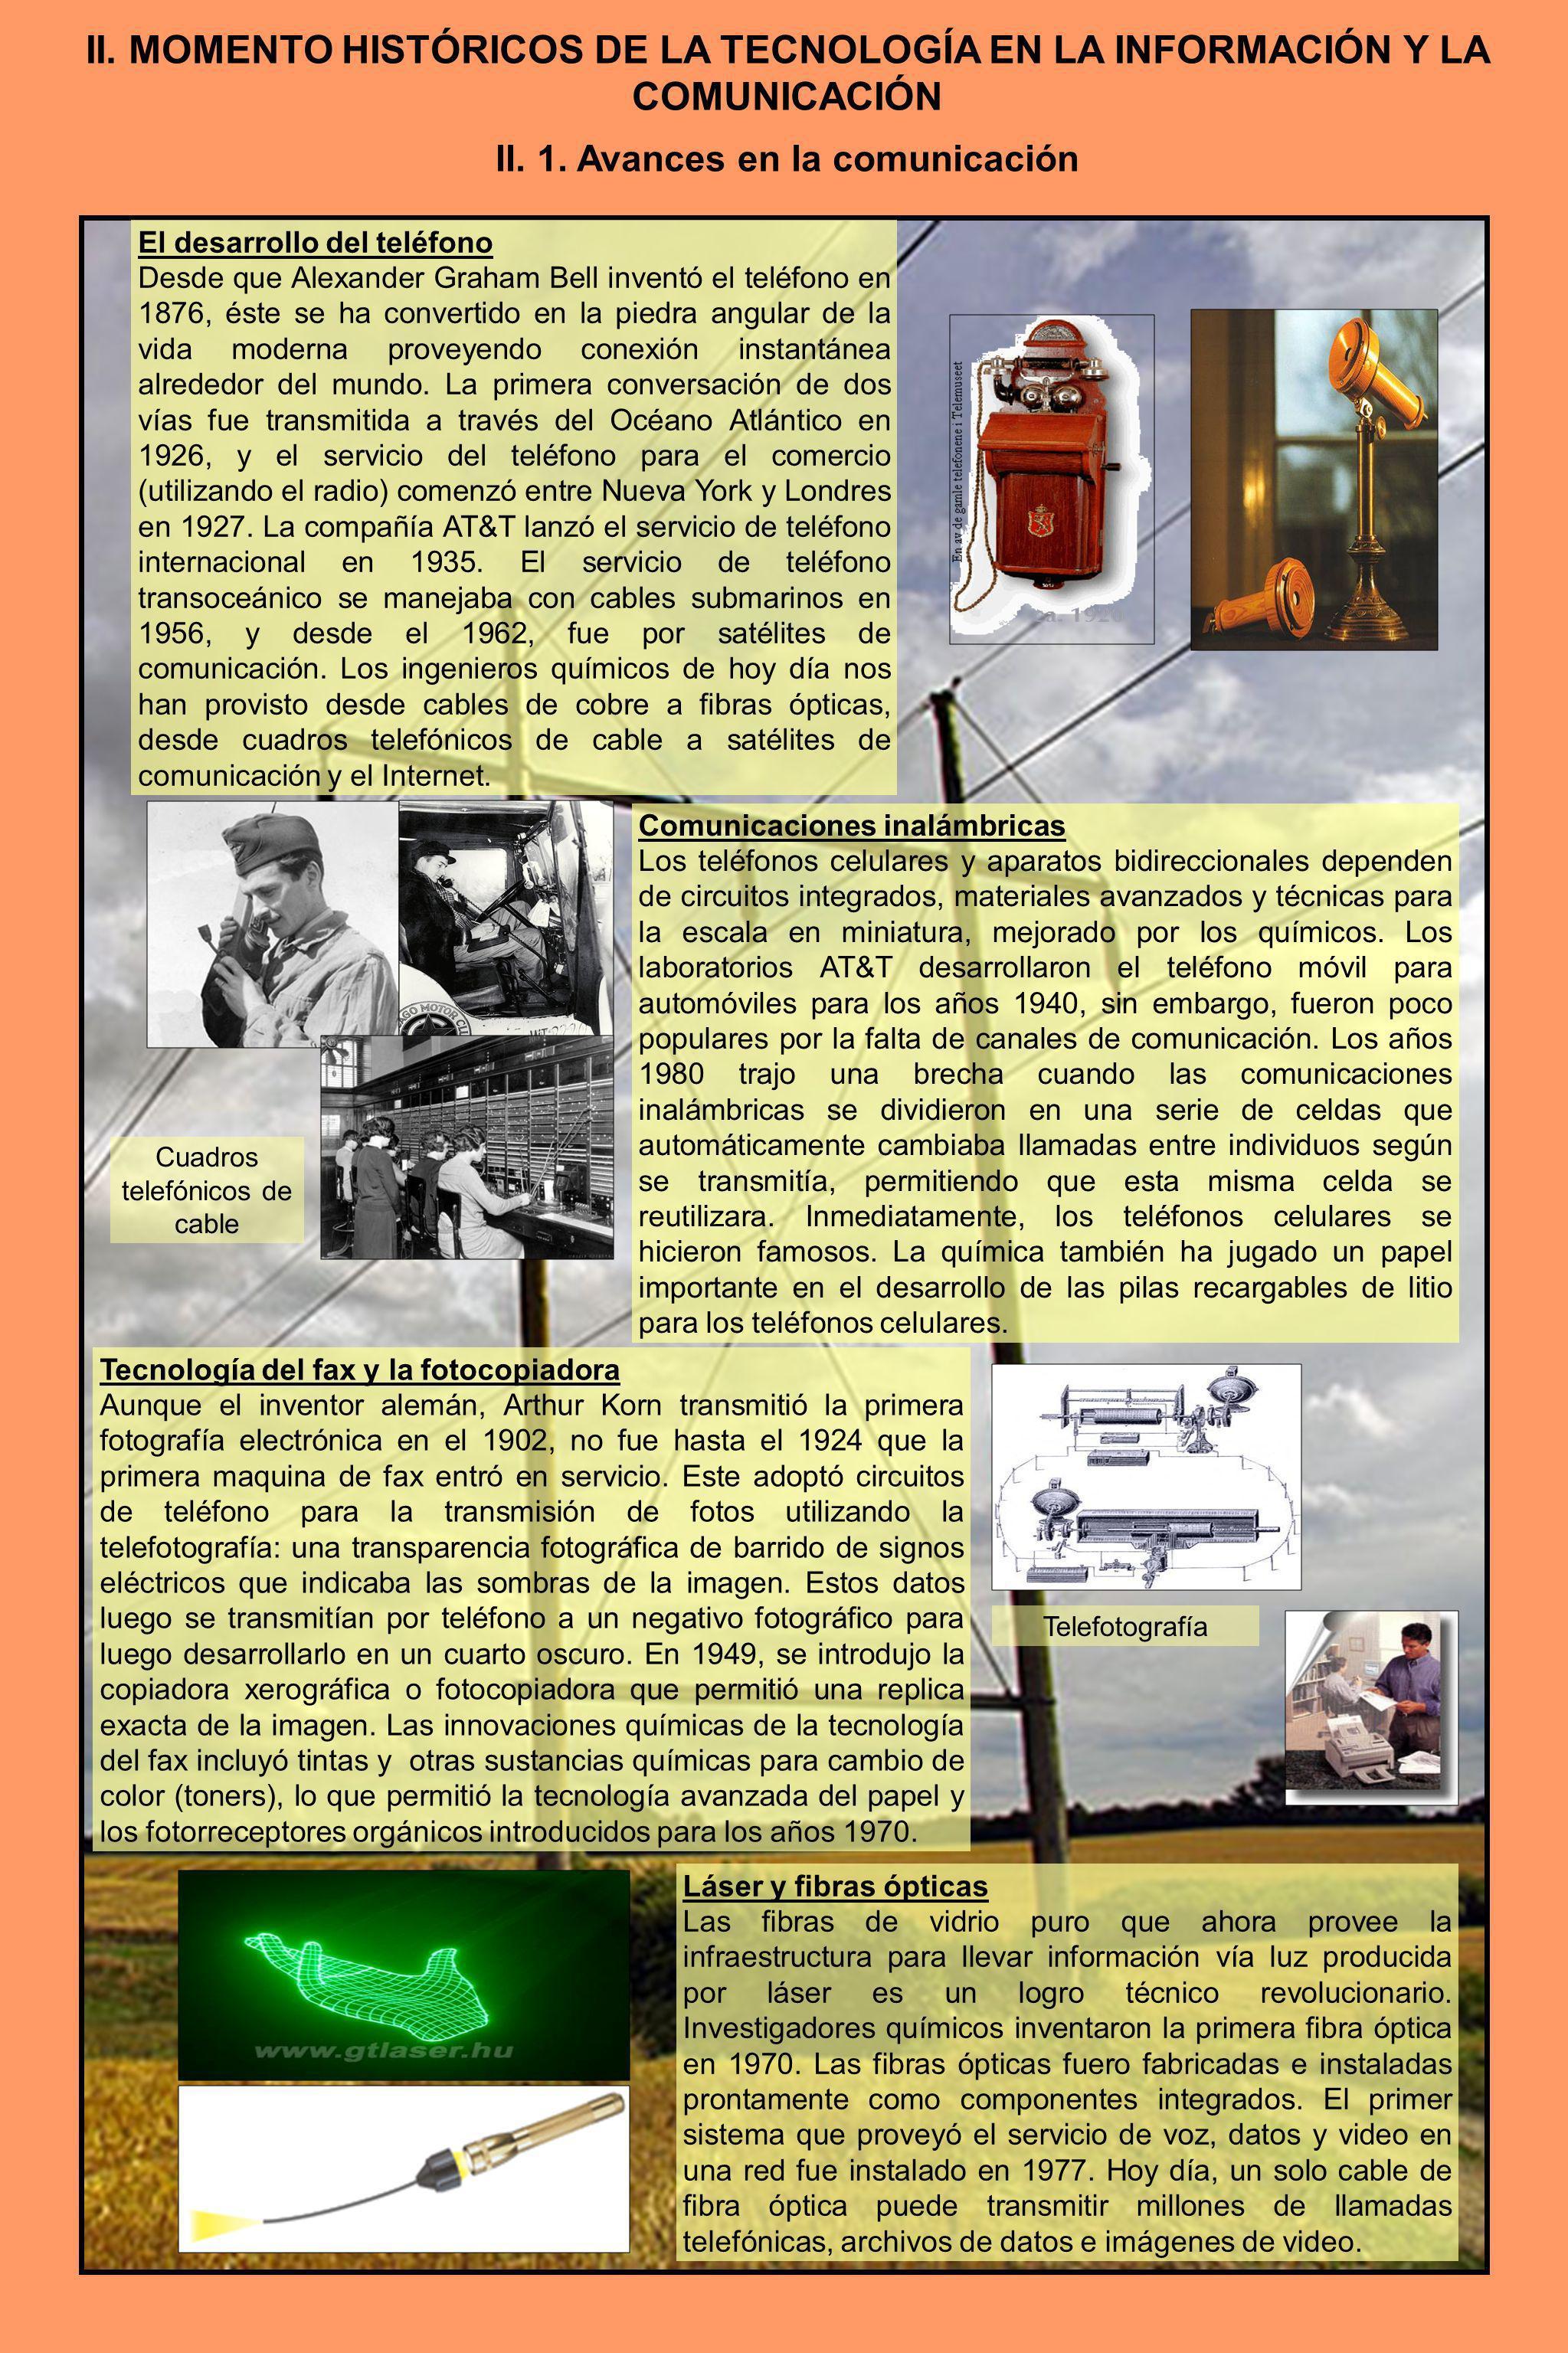 II. 1. Avances en la comunicación El desarrollo del teléfono Desde que Alexander Graham Bell inventó el teléfono en 1876, éste se ha convertido en la